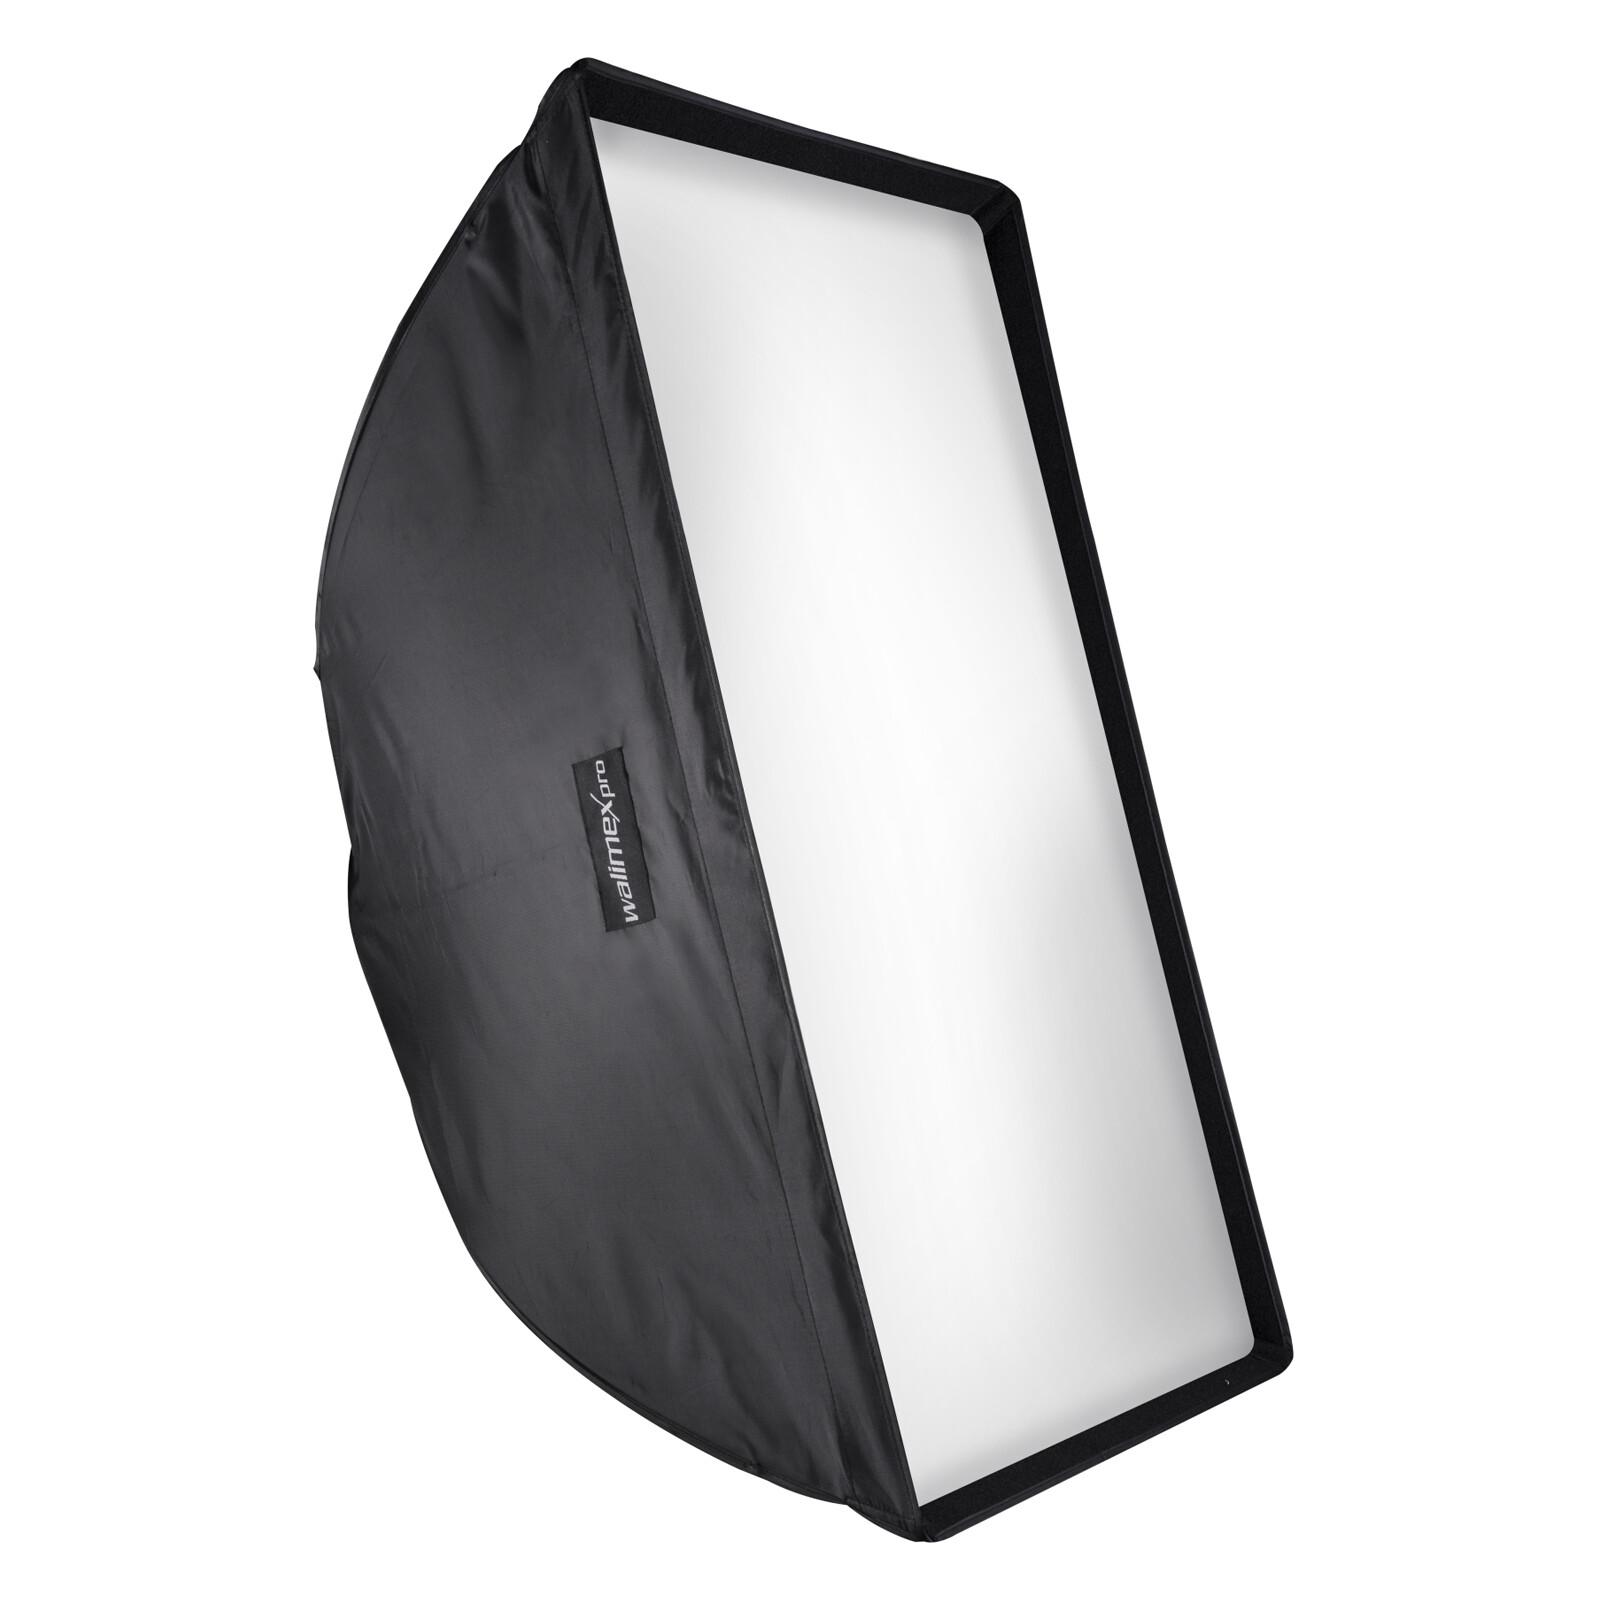 walimex pro easy Softbox 60x90cm Visatec